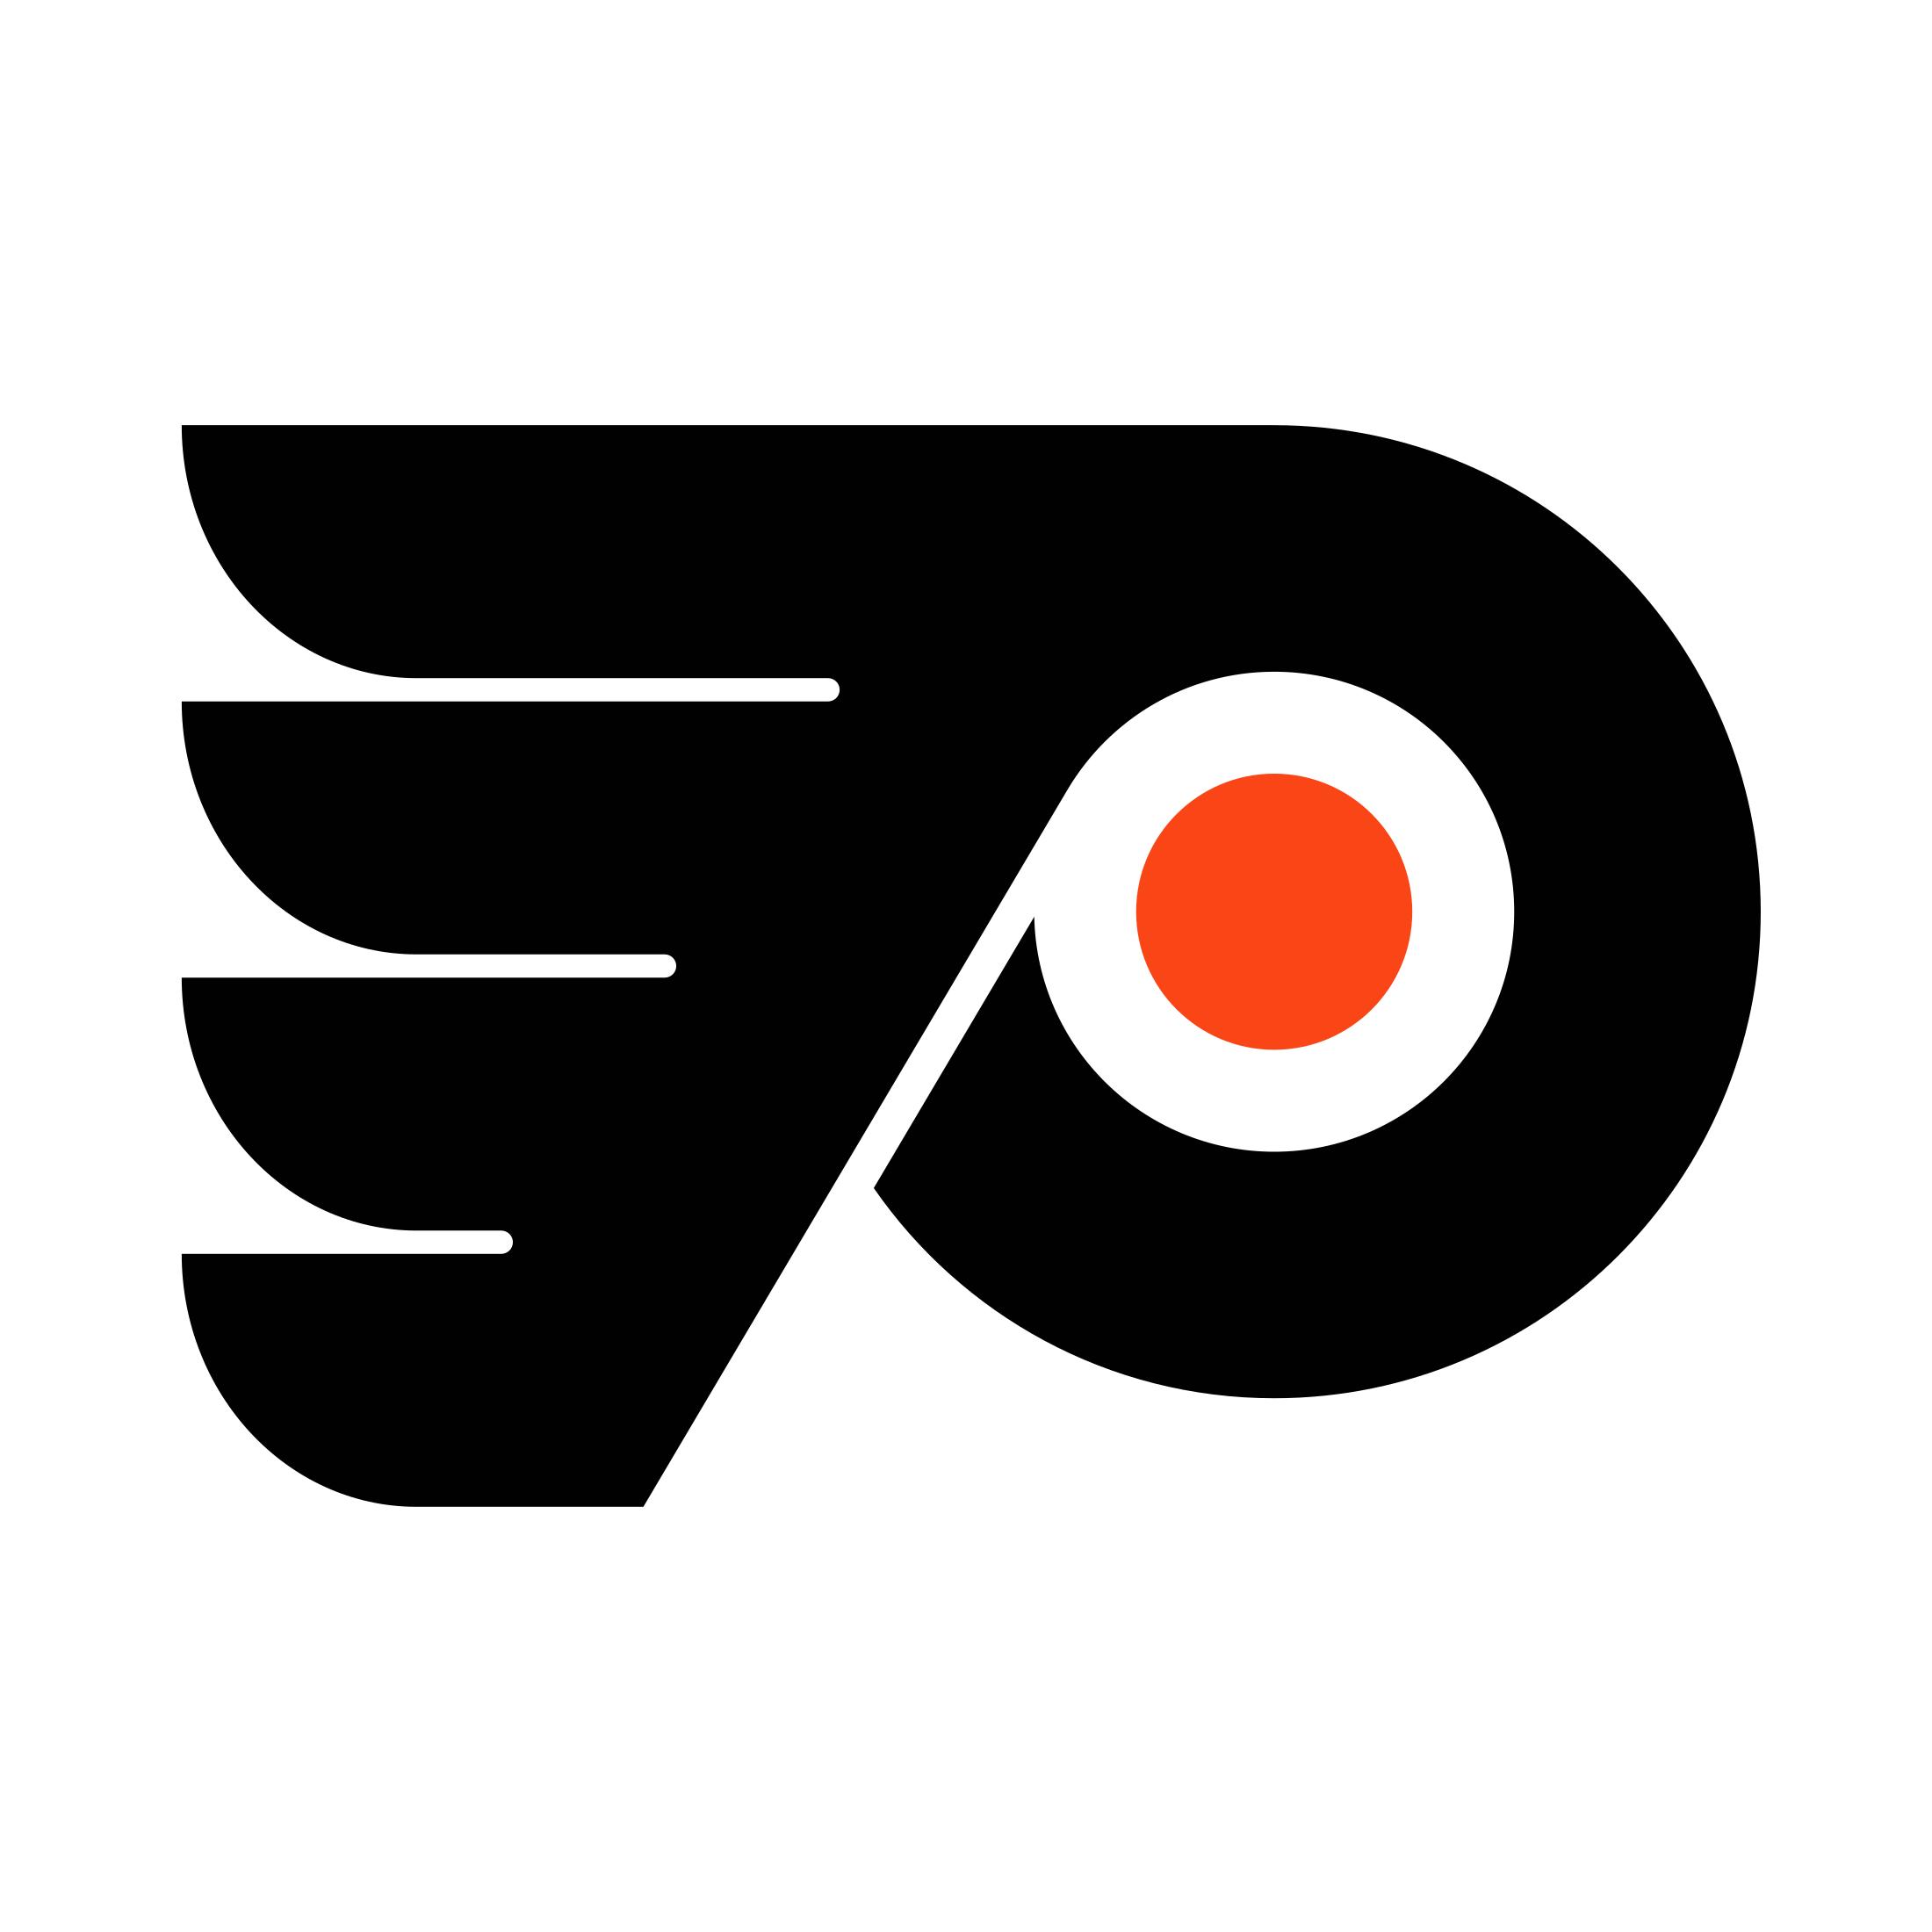 Philadelphia Flyers Logo PNG Transparent & SVG Vector.